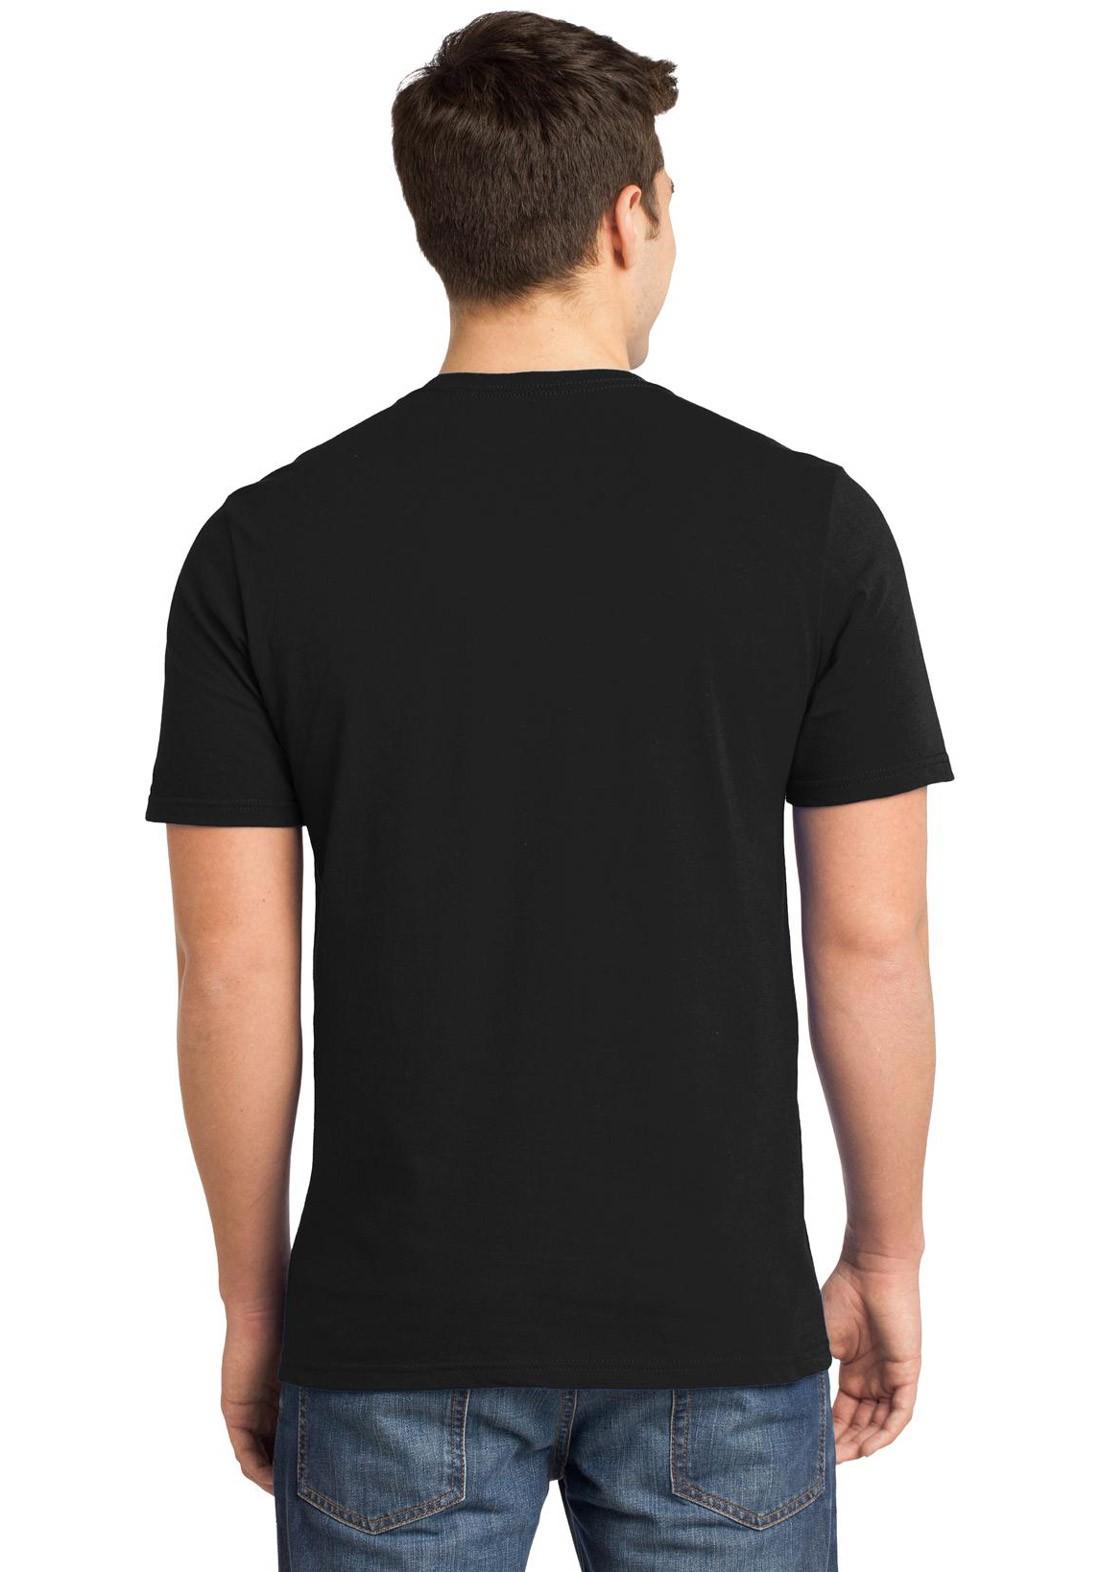 Camiseta Masculina Universitária Faculdade Engenharia Química